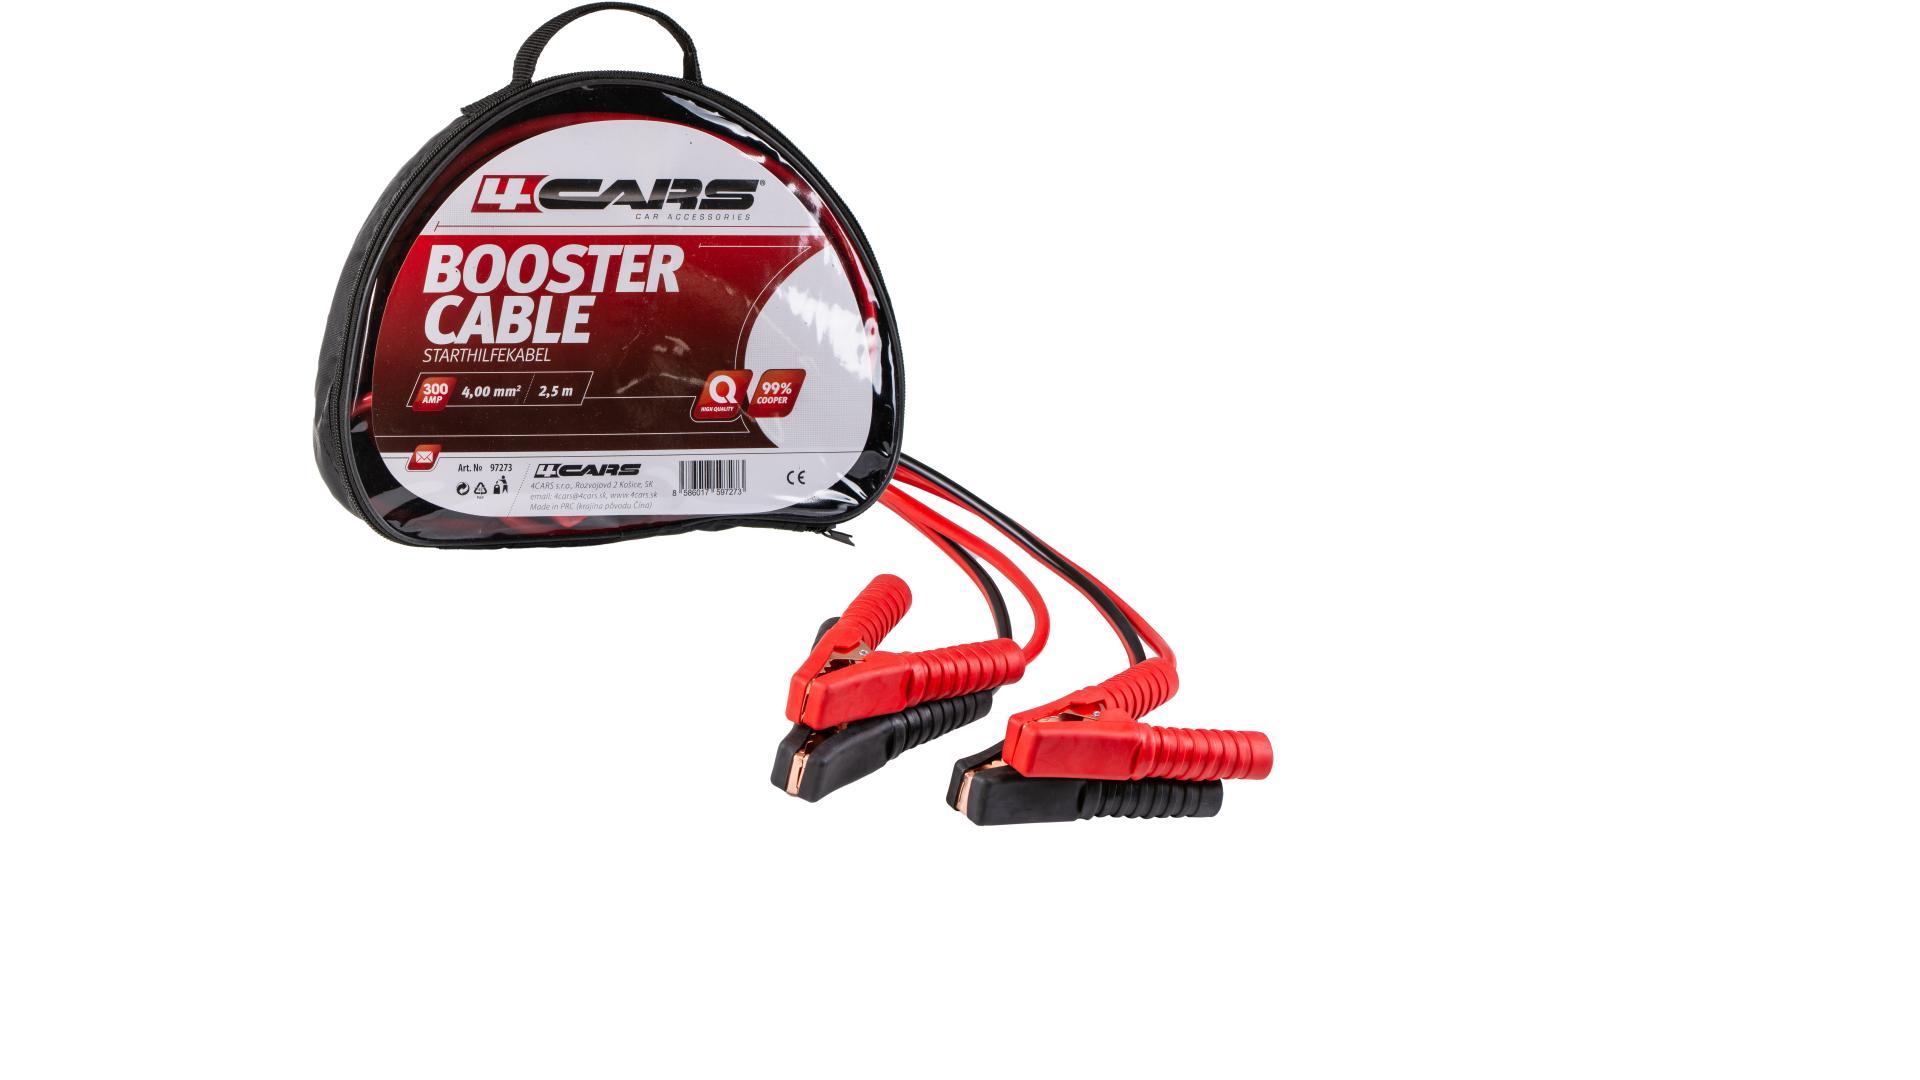 CARS Startovací kabel - izolované kleště 300AMP, 4.0MM², 2,5M